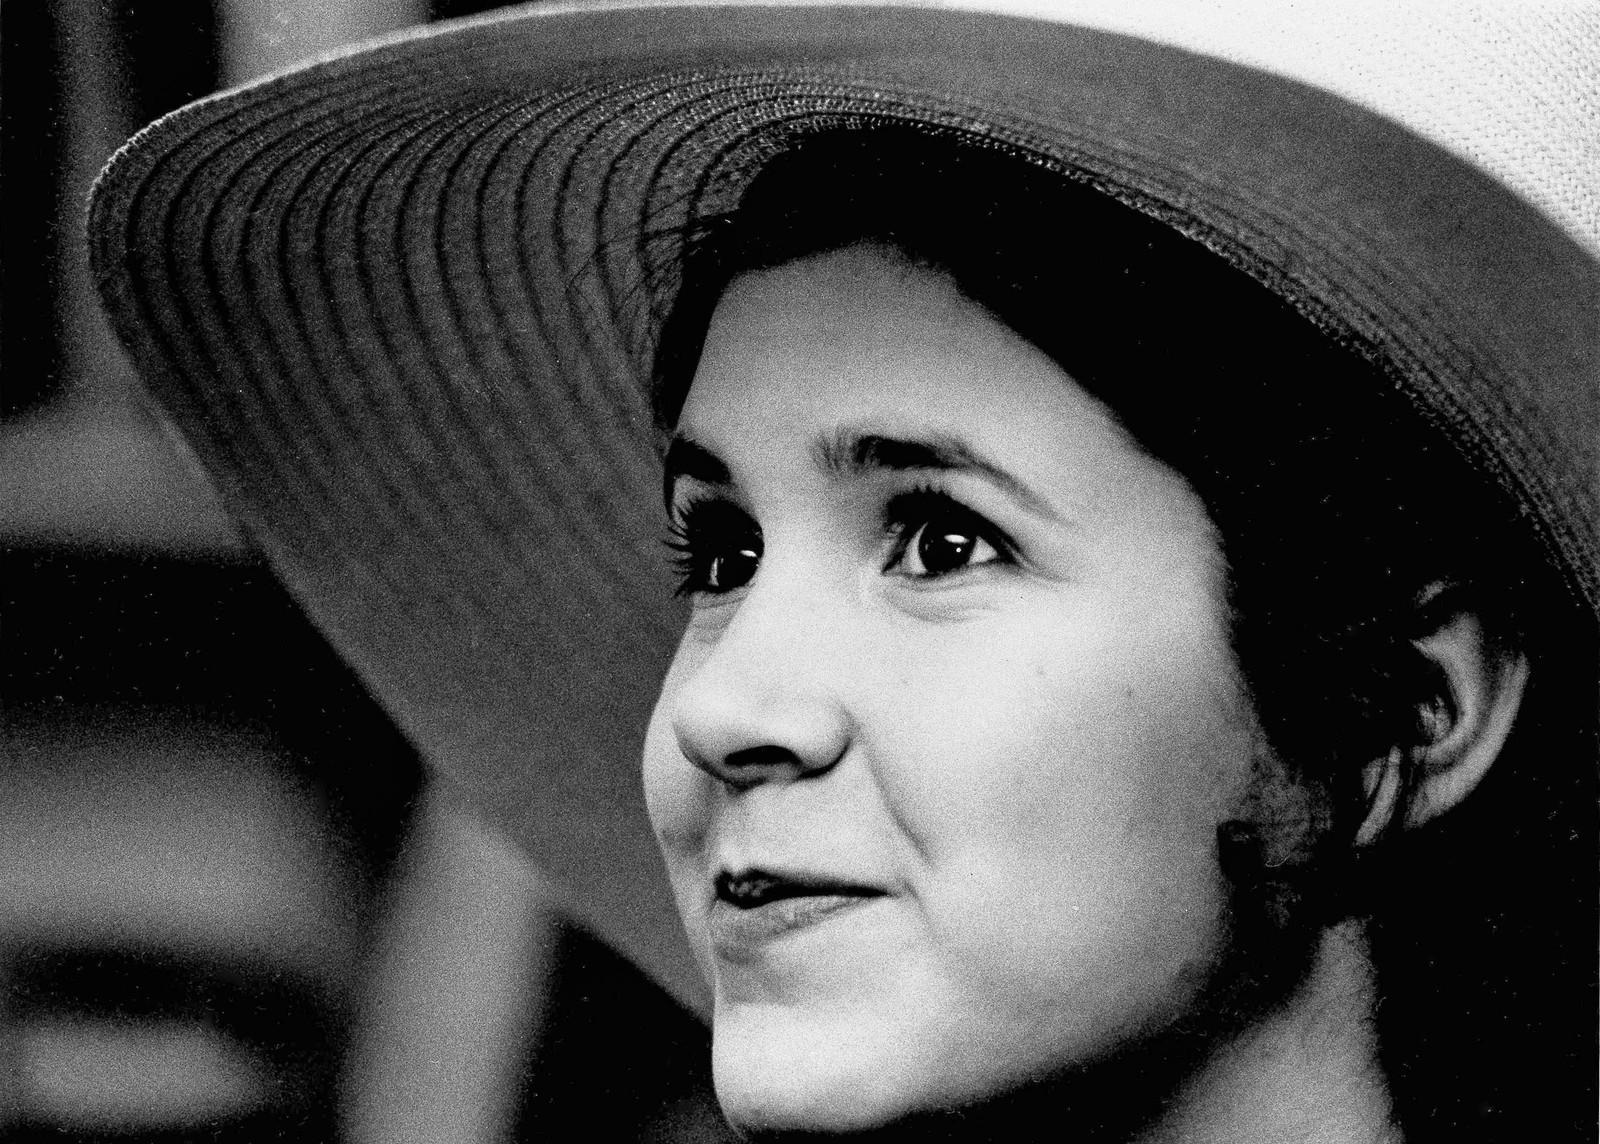 TENÅRING: Carrie Fisher fulgte foreldrenes fotspor inn i underholdningsverdenen. Faren var sanger og moren skuespiller. Bildet viser Fisher som 16-åring.